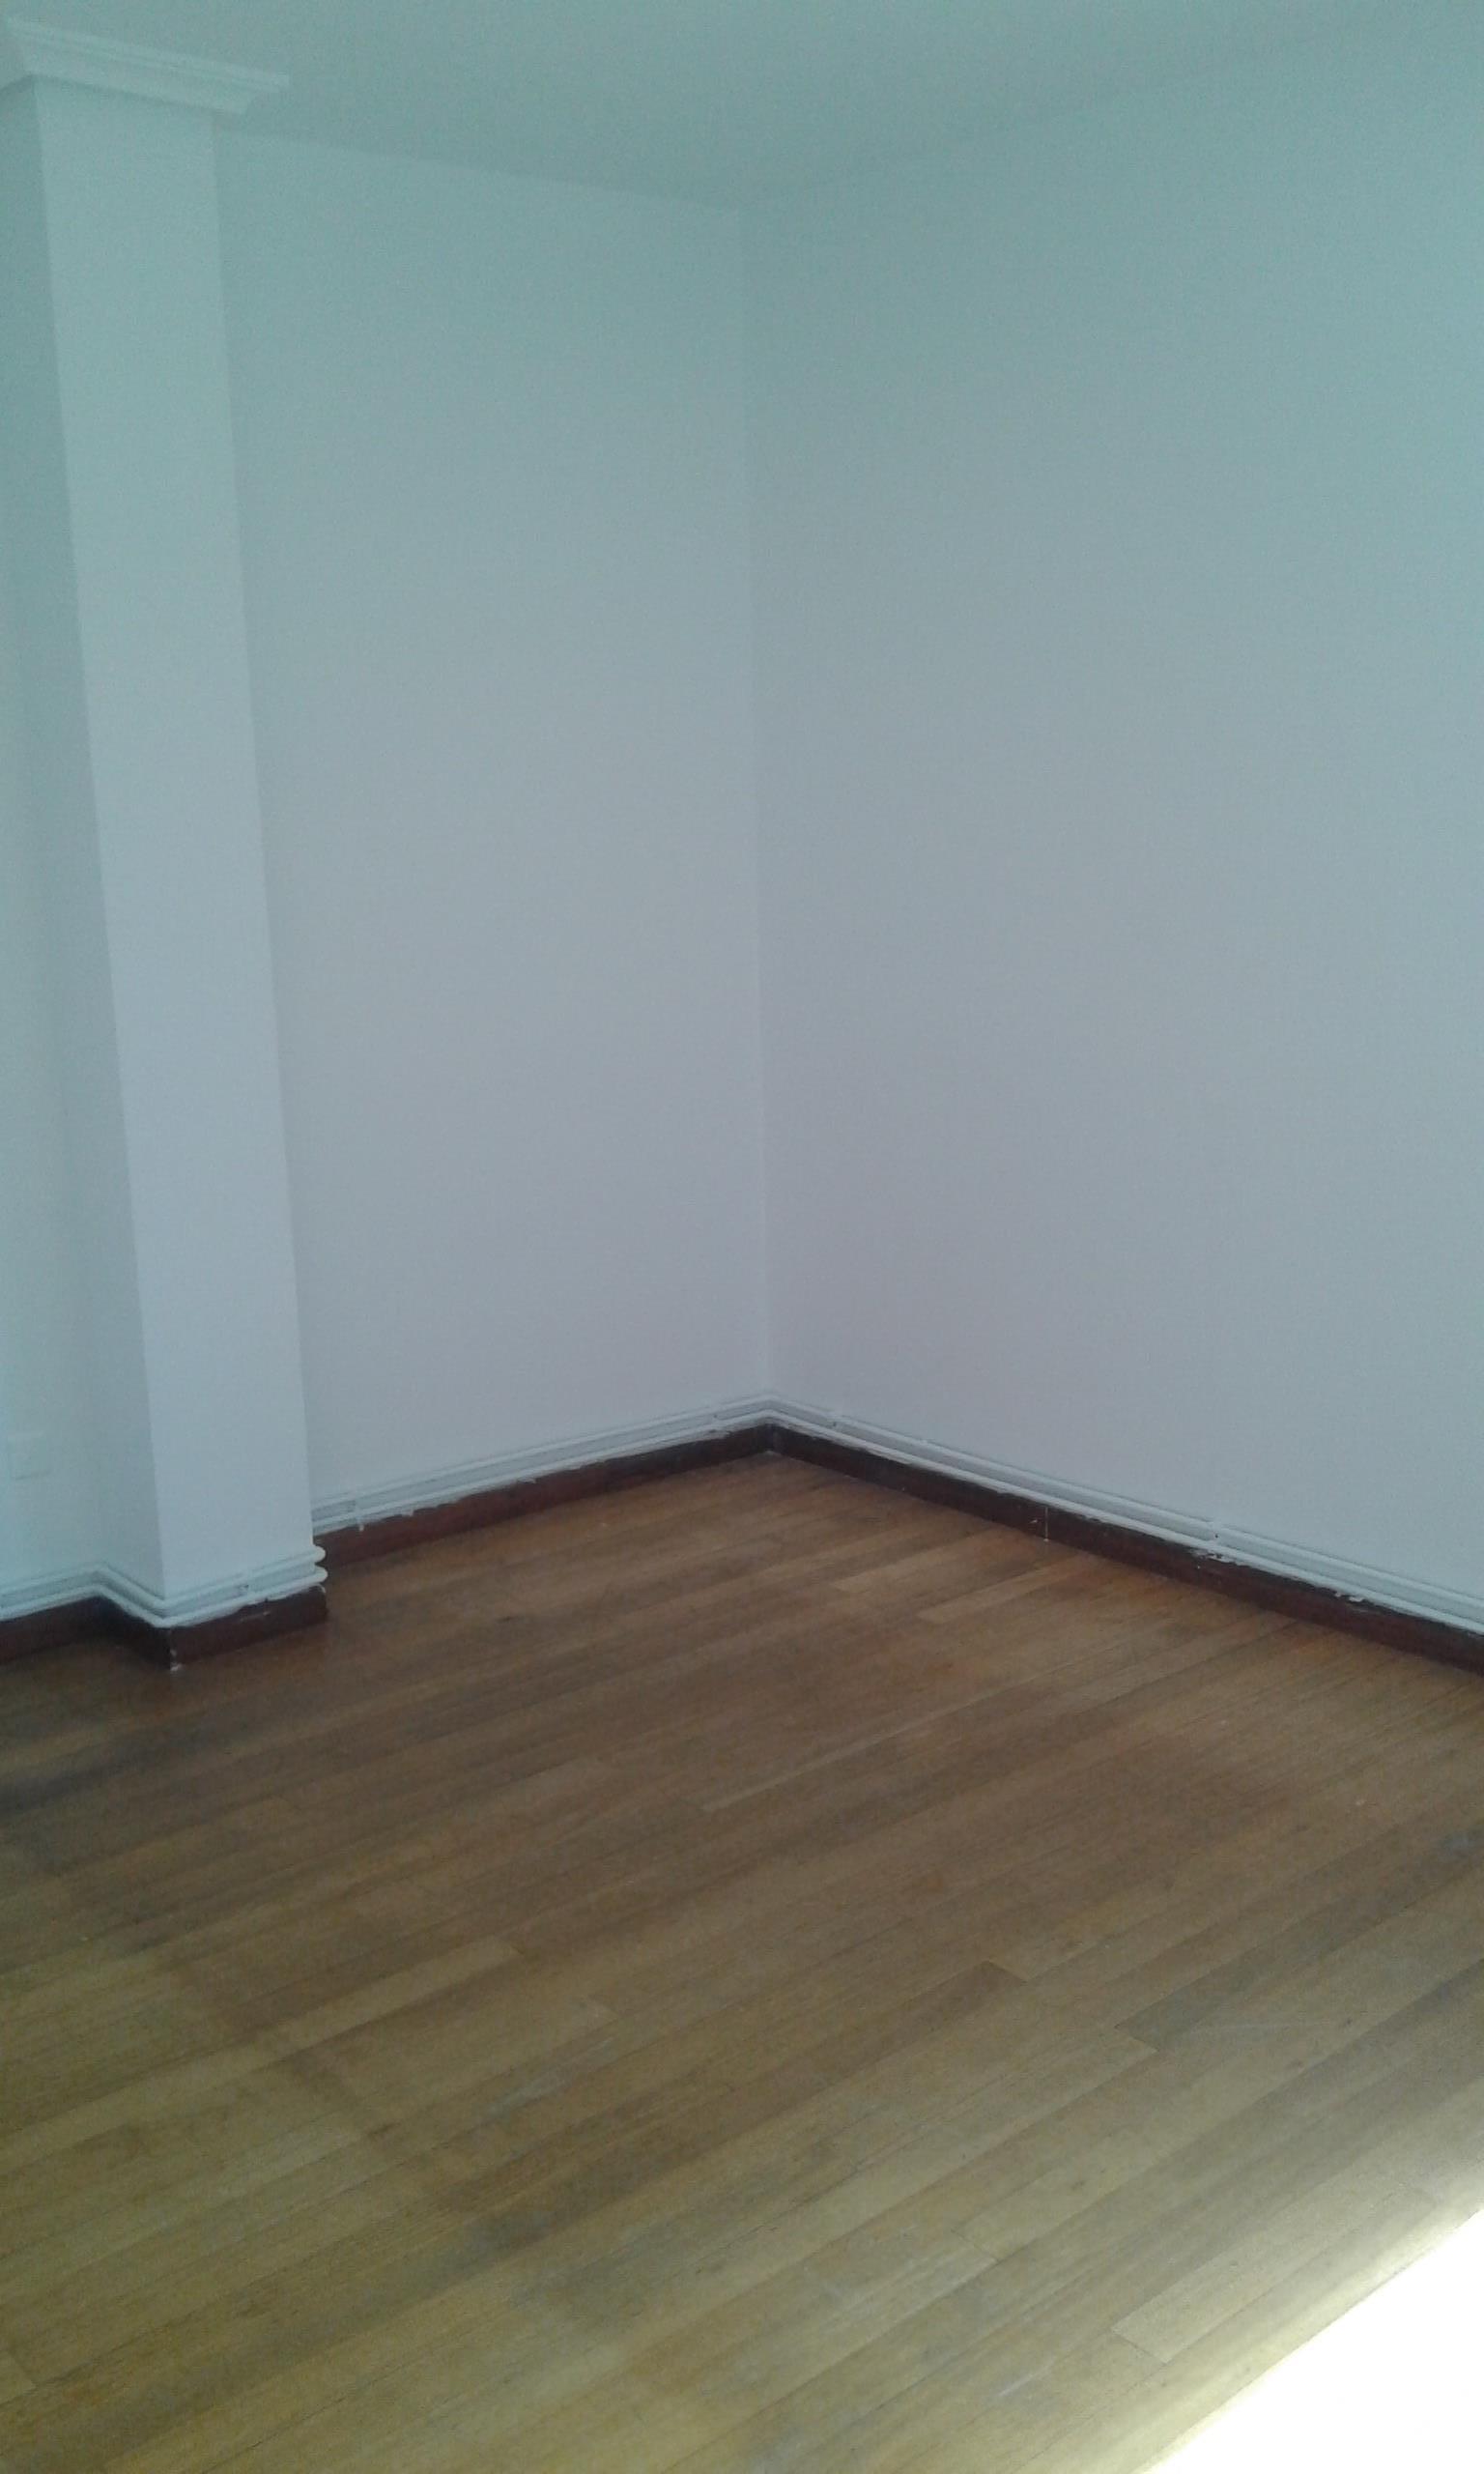 Piso en venta en Torrelavega, Cantabria, Avenida Solvay, 73.000 €, 3 habitaciones, 1 baño, 76 m2